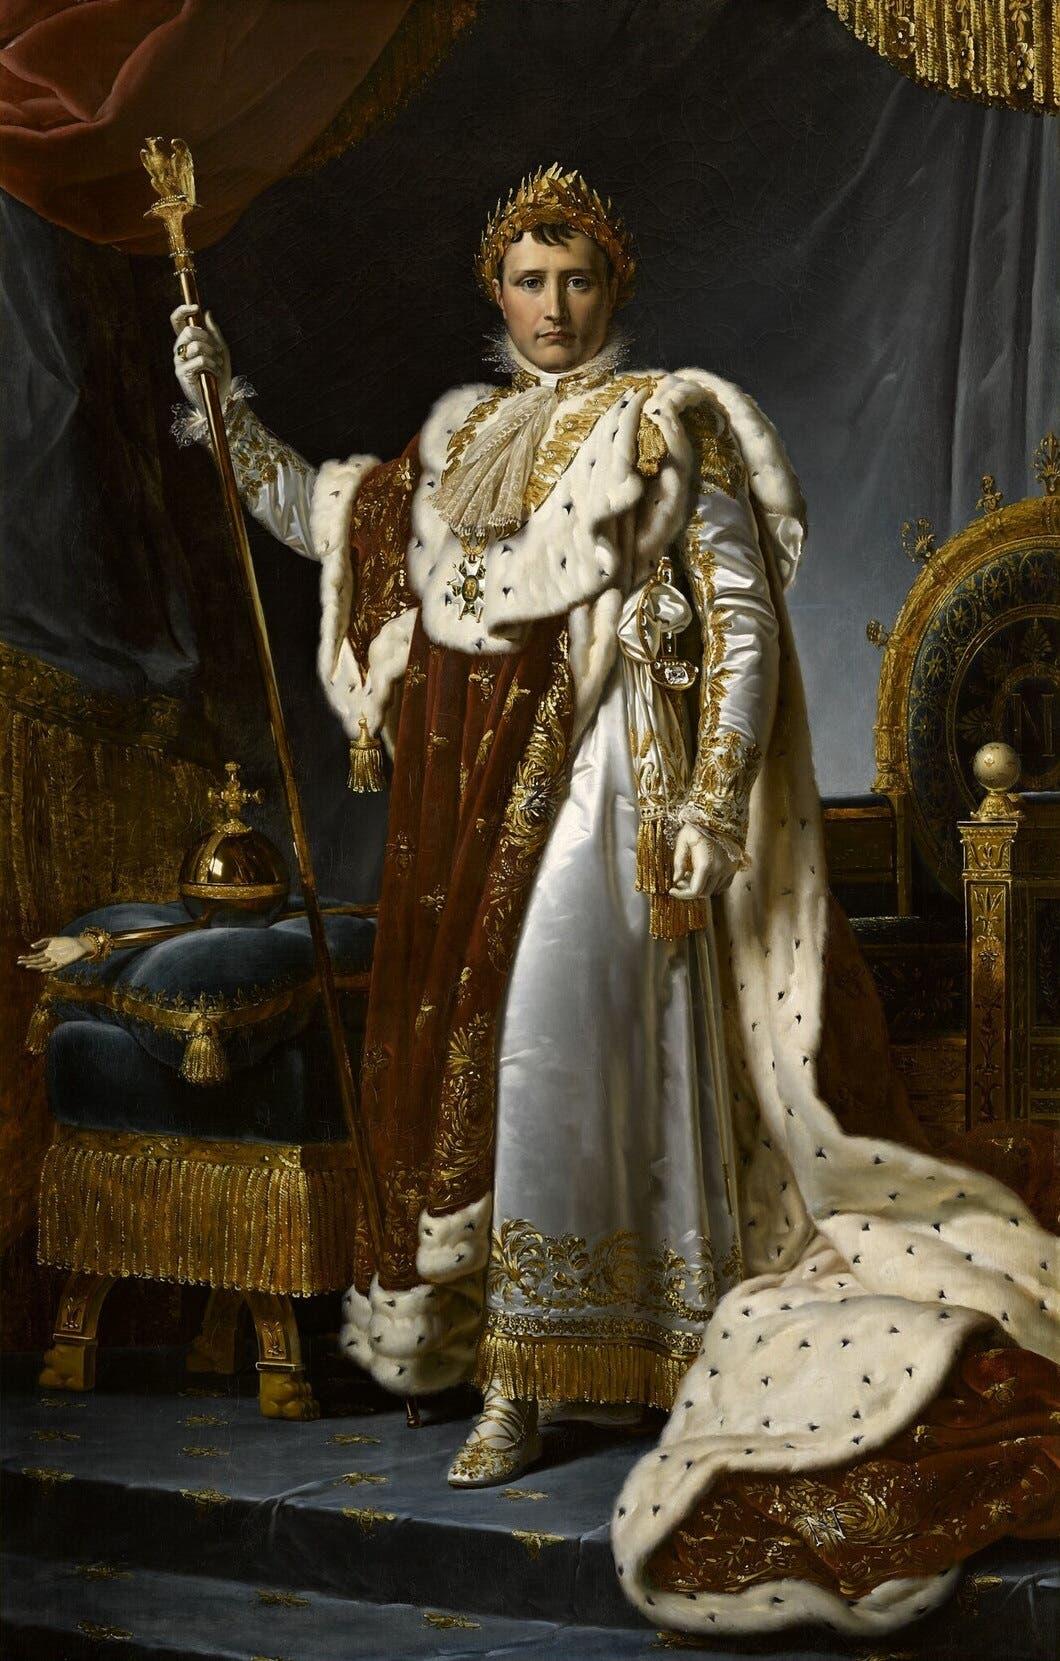 لوحة تجسد شخصية نابليون بونابرت